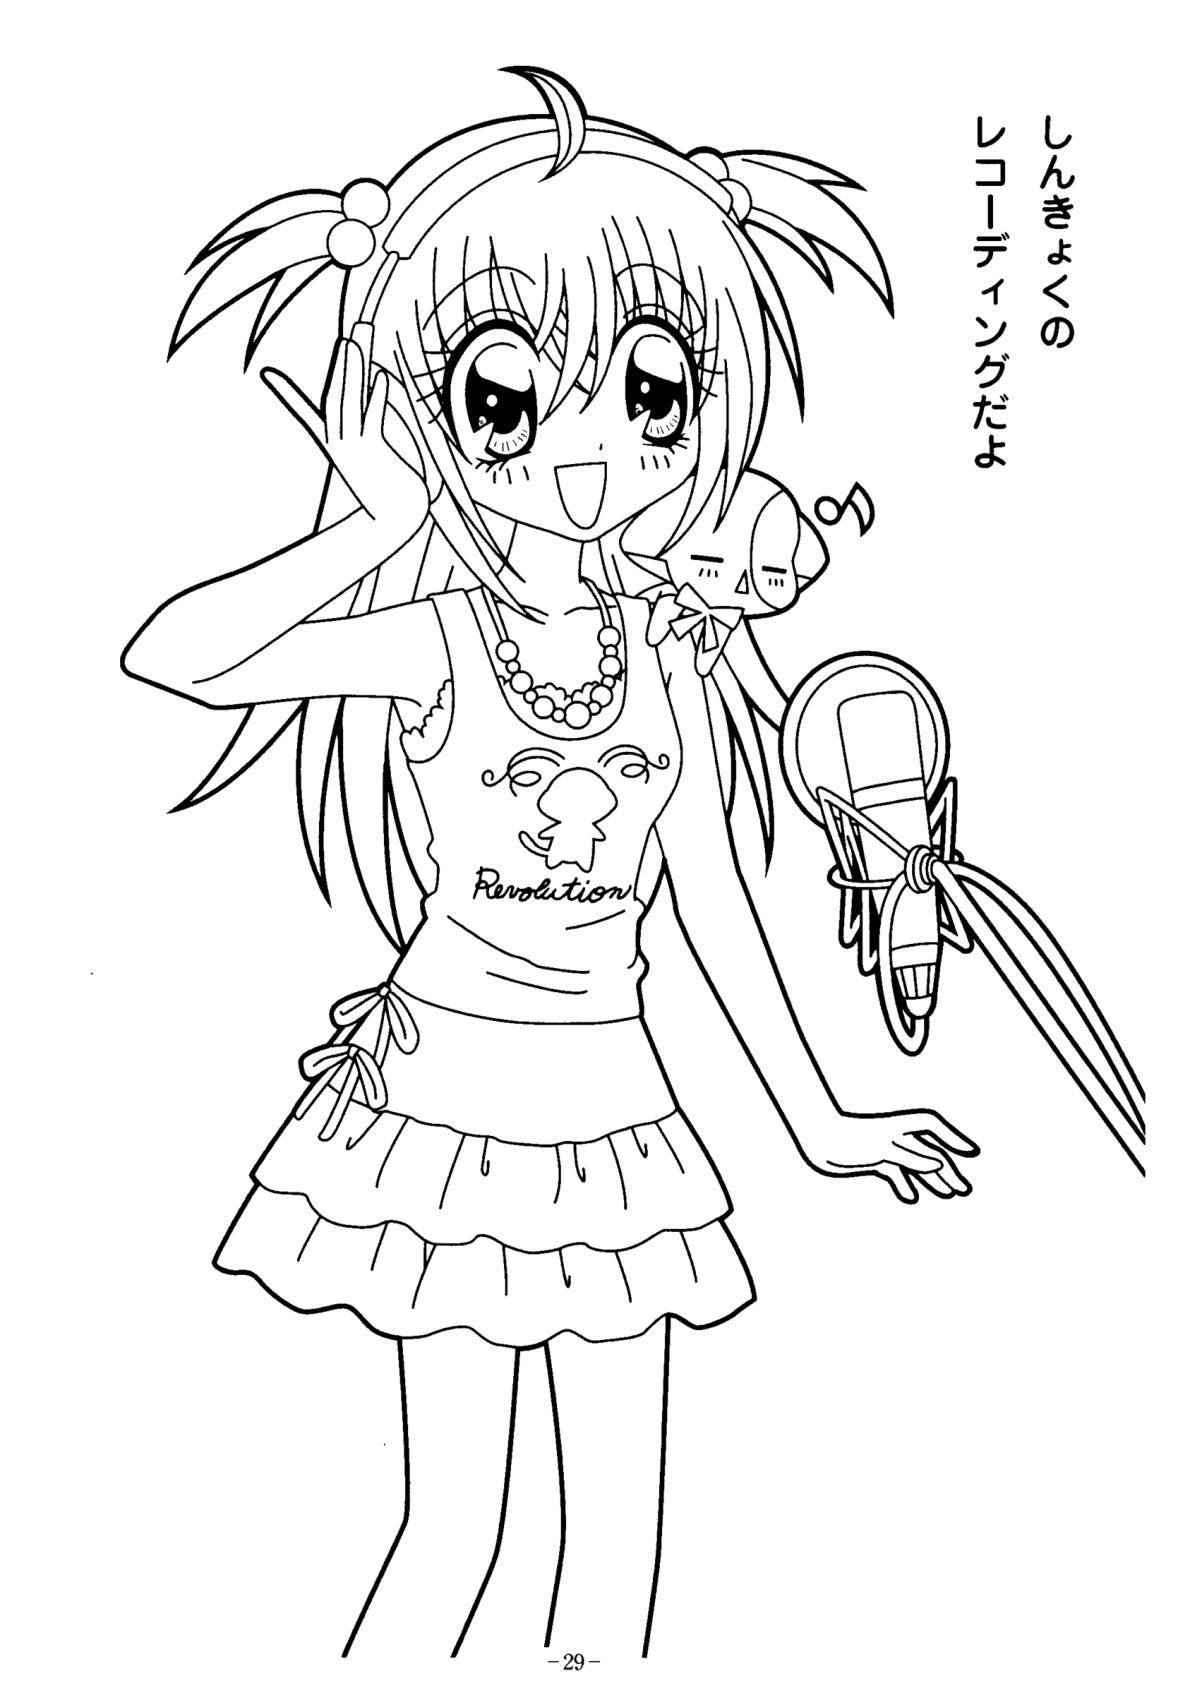 Unique Dessin A Colorier Manga Fille